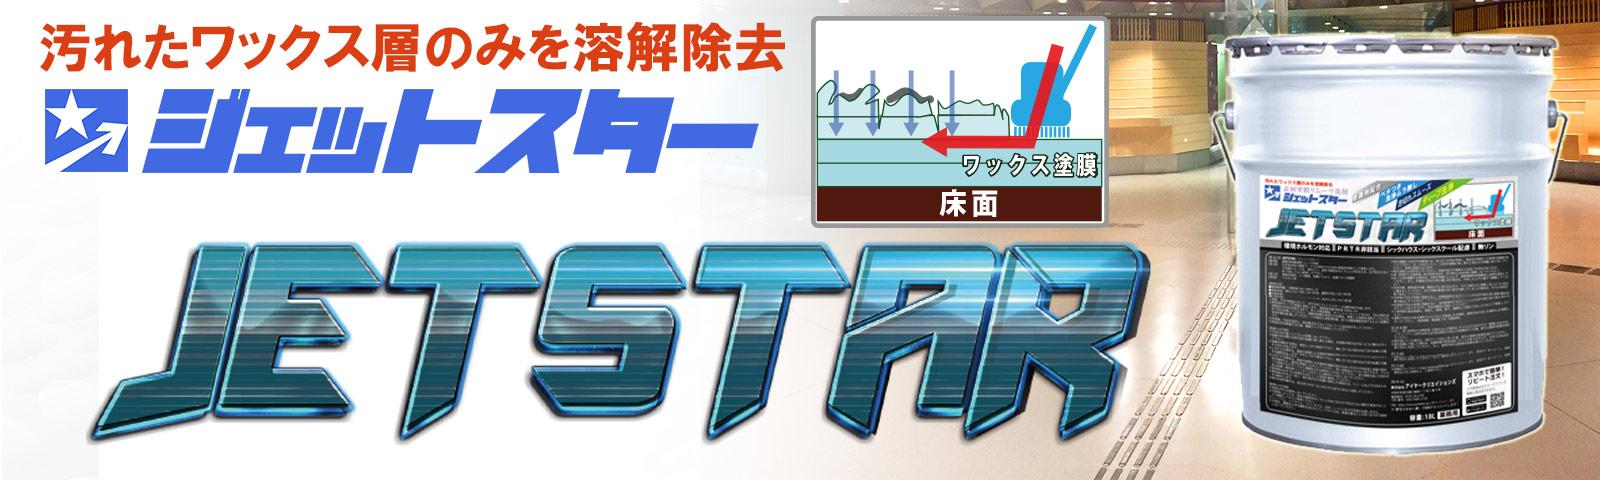 ■汚れたワックス層のみを溶解除去!■JET STAR(ジェットスター) - 表層塗膜リムーヴ洗剤